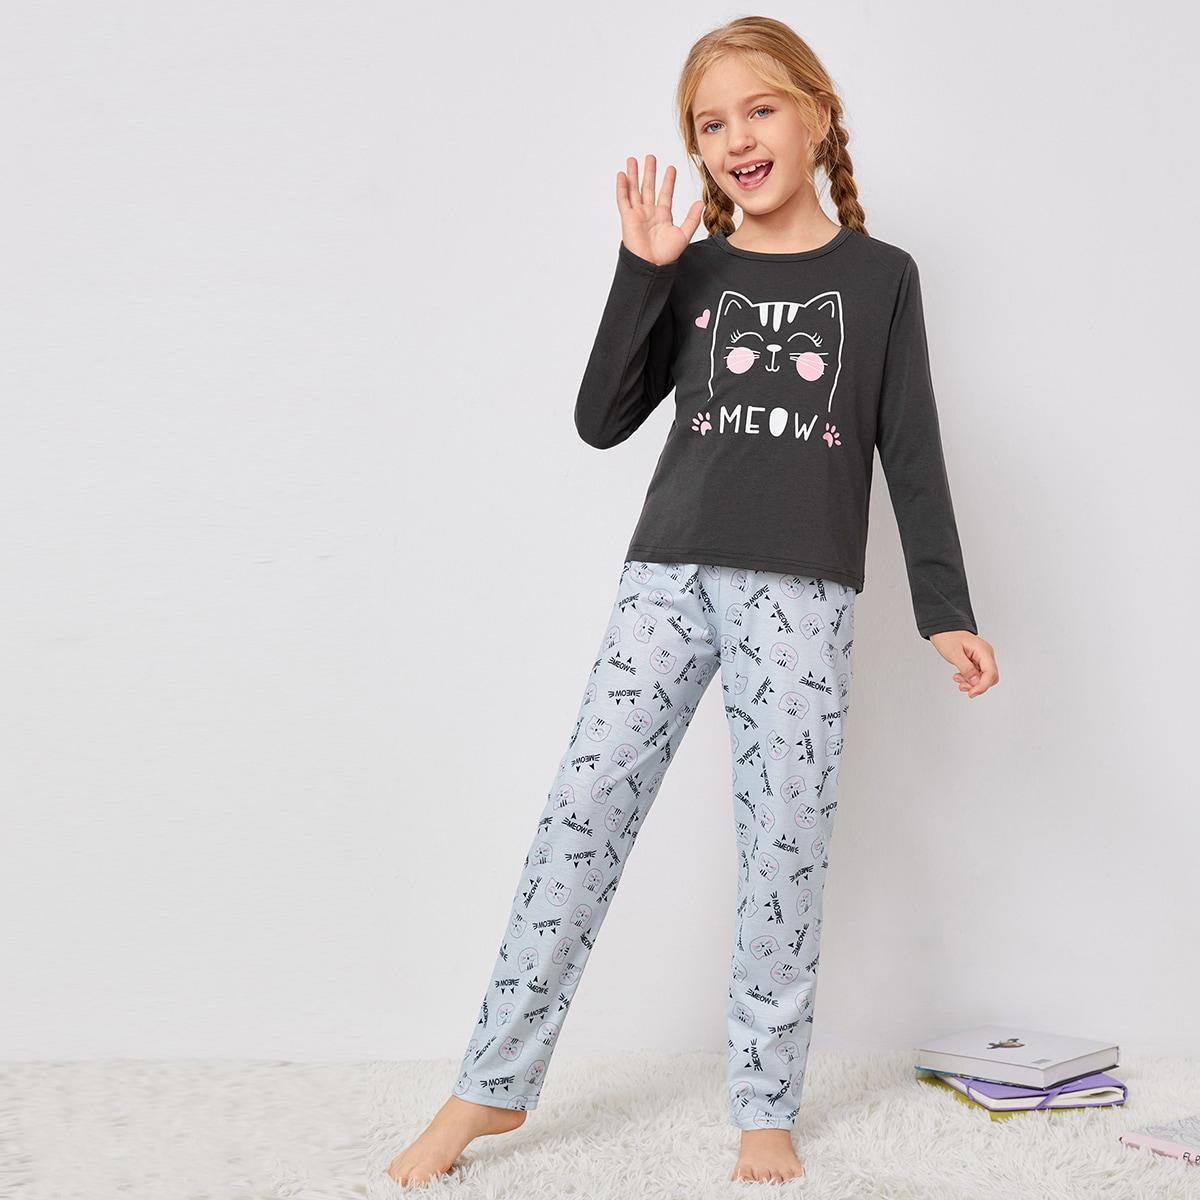 Пижама с текстовым и мультипликационным принтом для девочек